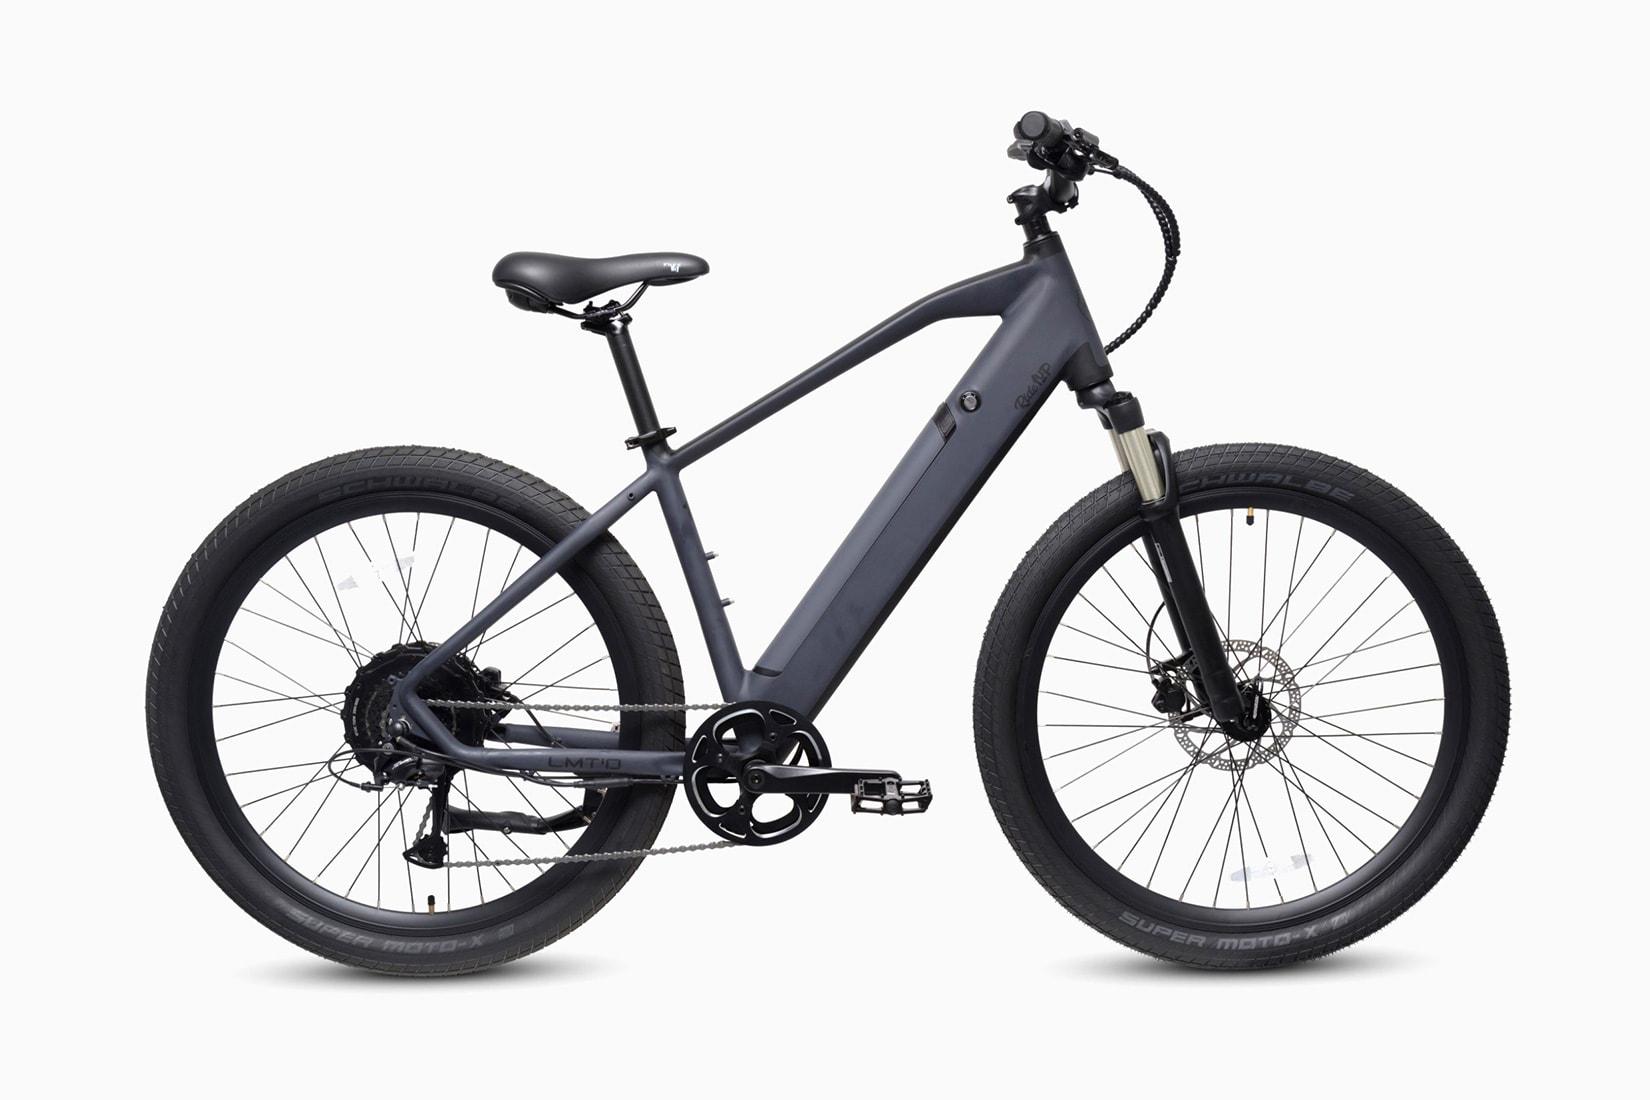 Las mejores bicicletas eléctricas premium revisión Ride1up - Luxe Digital